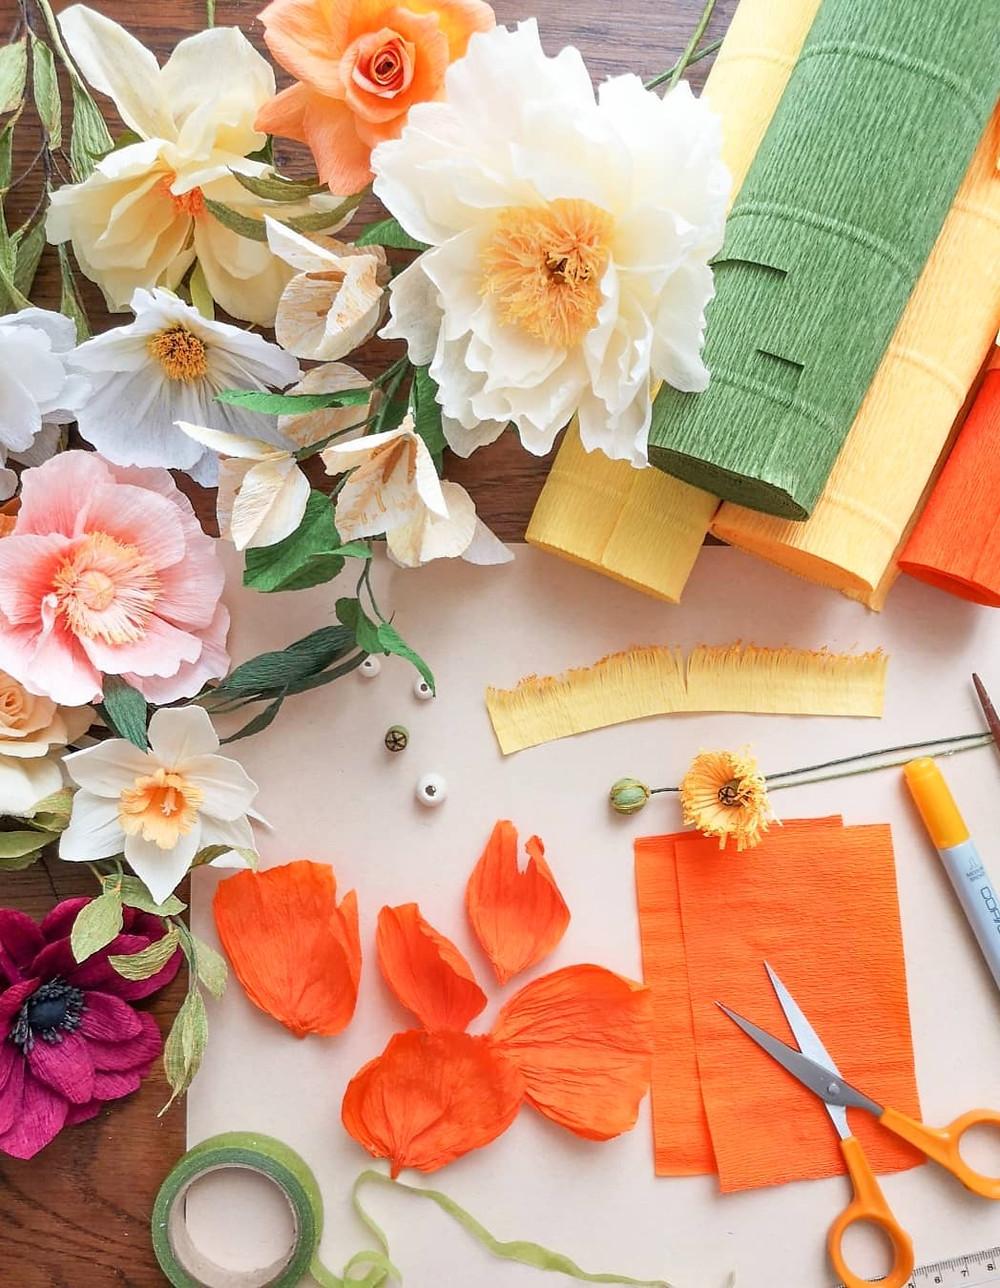 Plan de travail avec des fleurs en papier crépon de toutes les couleurs, des rouleaux de papier crépon et un pavot orange en cours de création